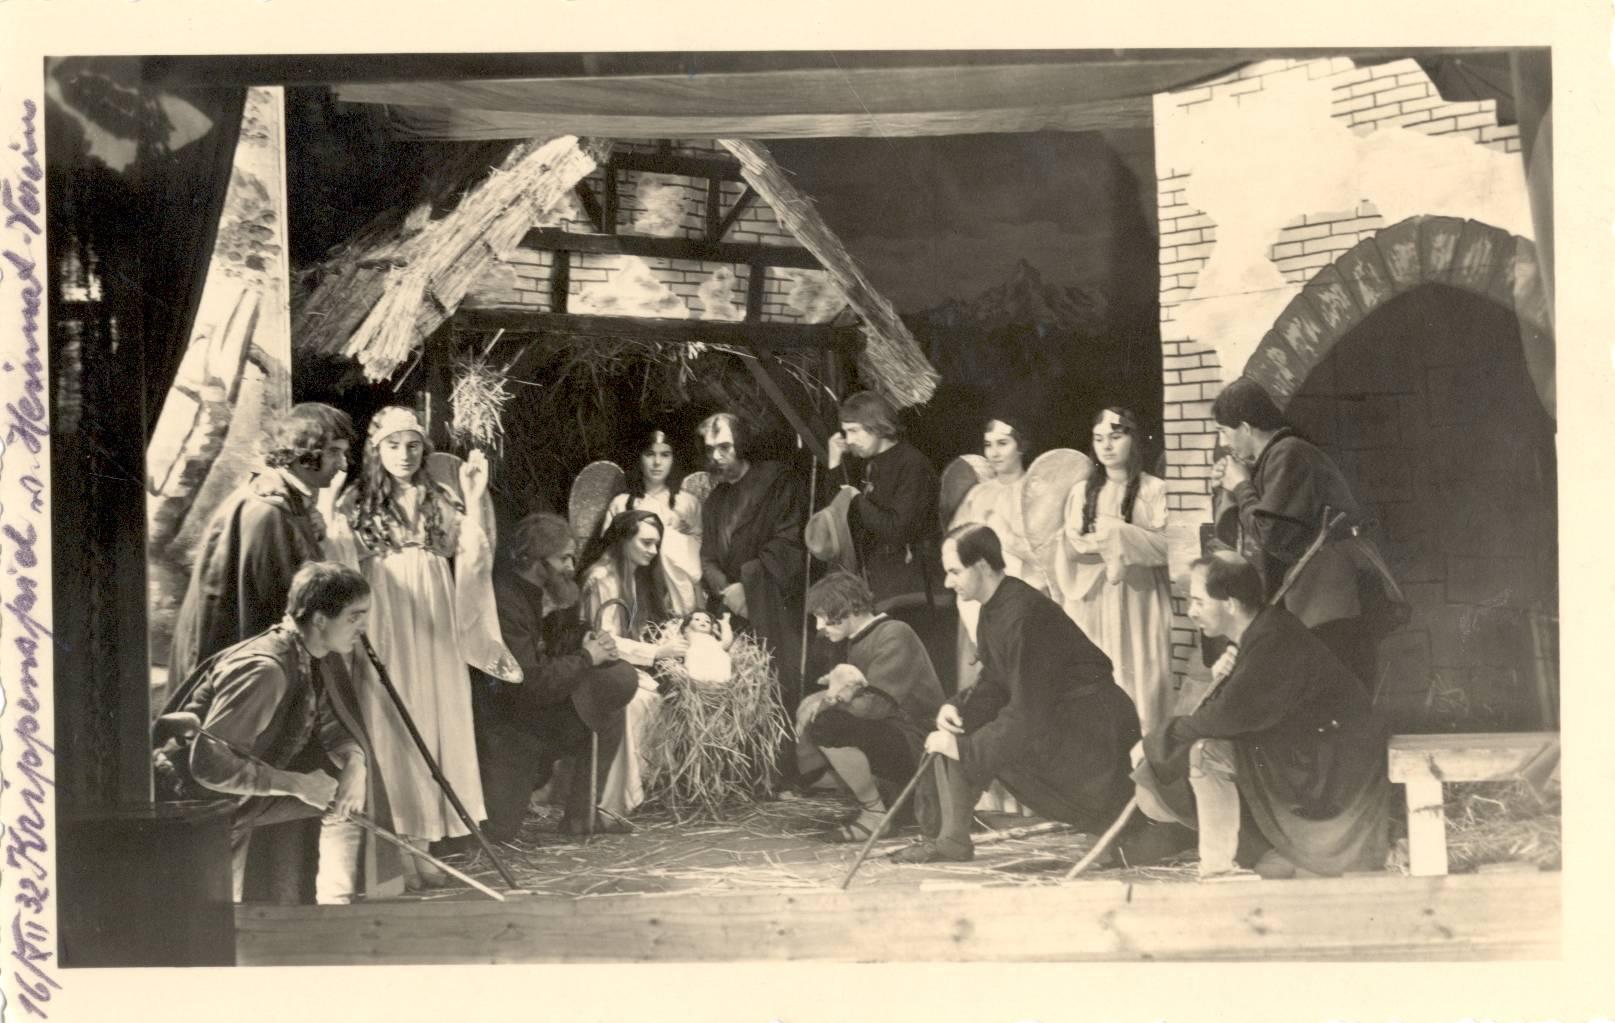 Krippenspiel das Abensberger Heimatvereins am 16.12.1932